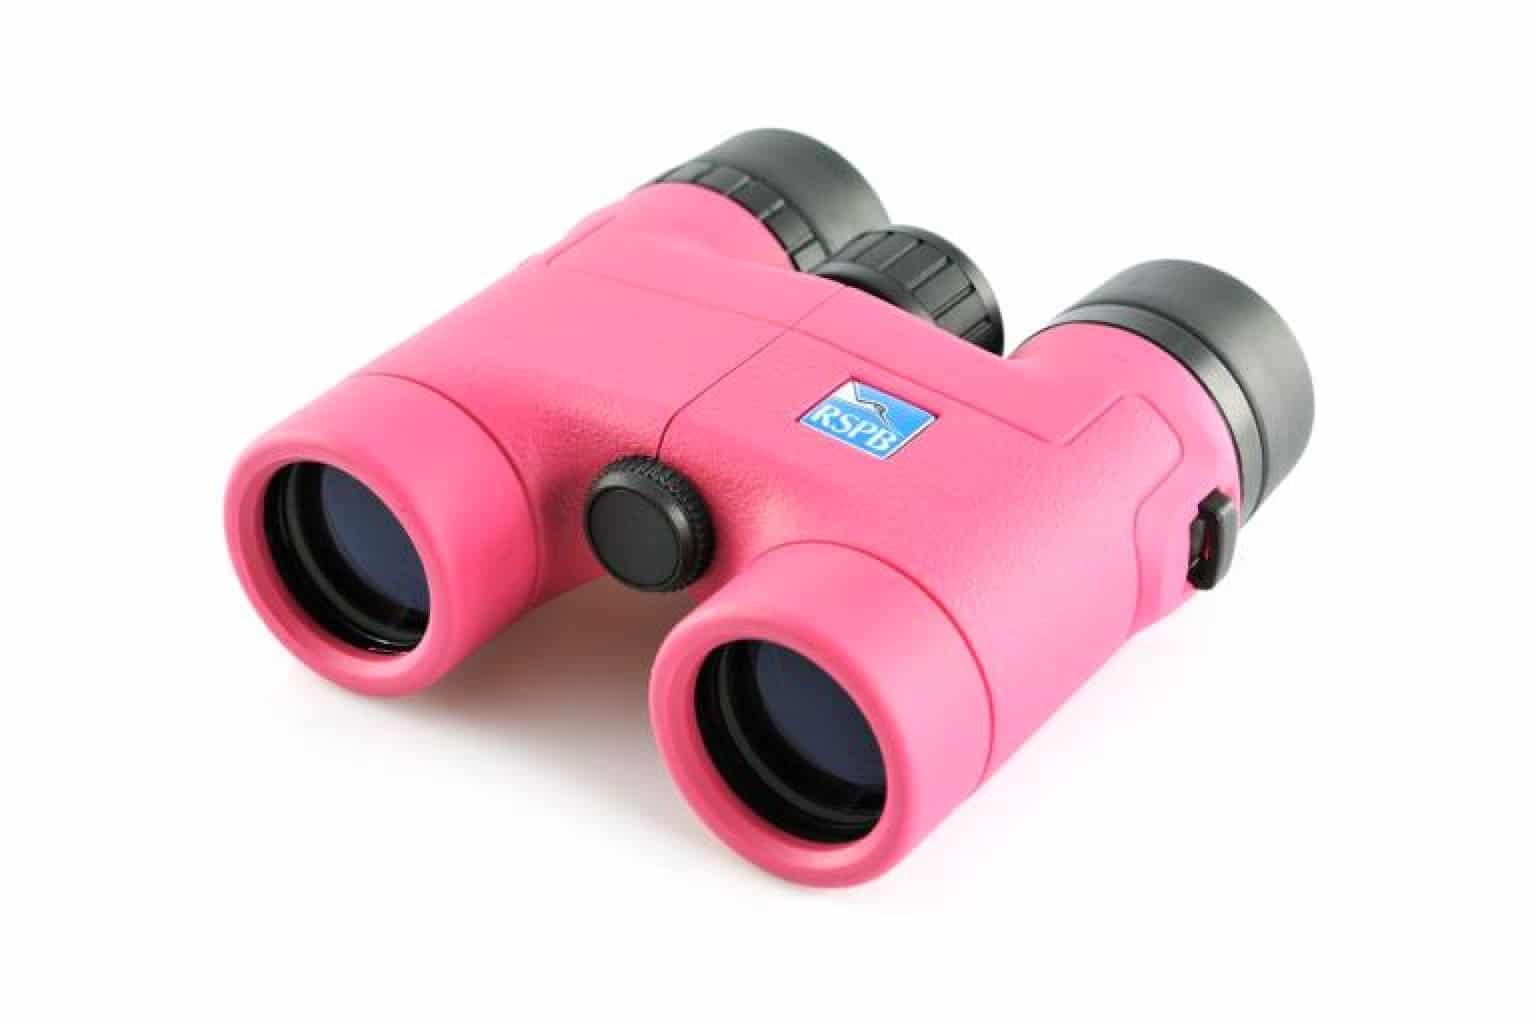 RSPB Puffin 8 x 32 Pink binoculars